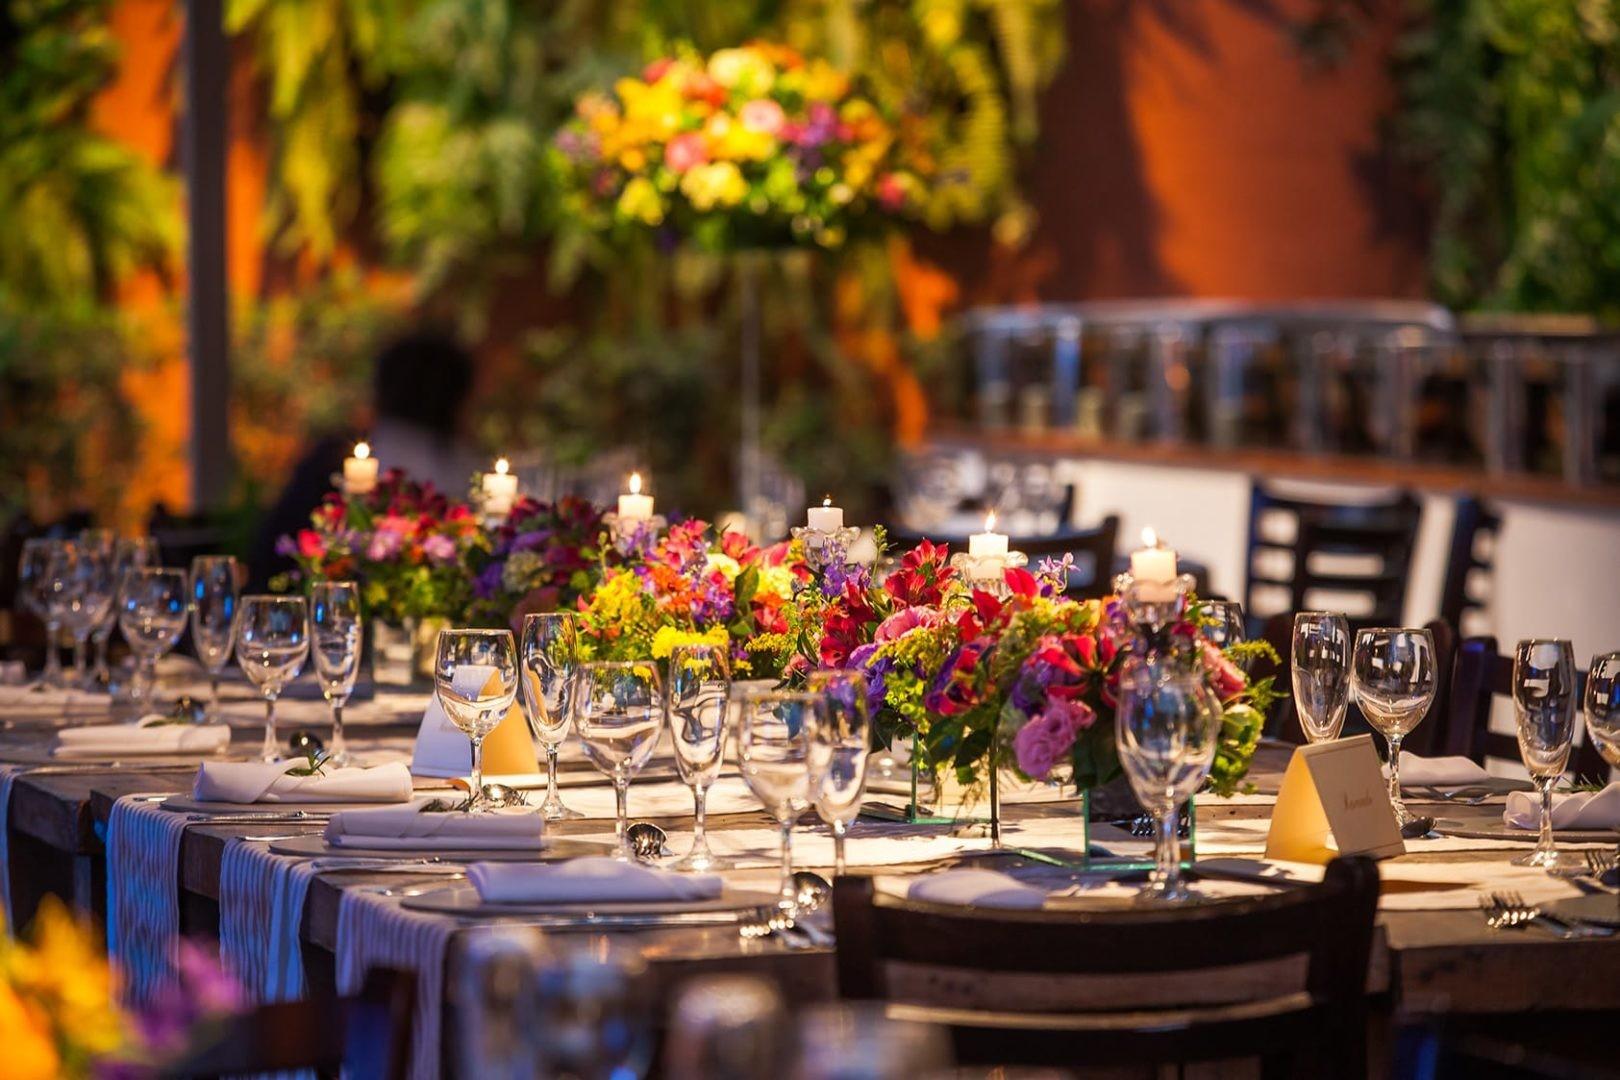 decoração de uma mesa dos convidados de um casamento